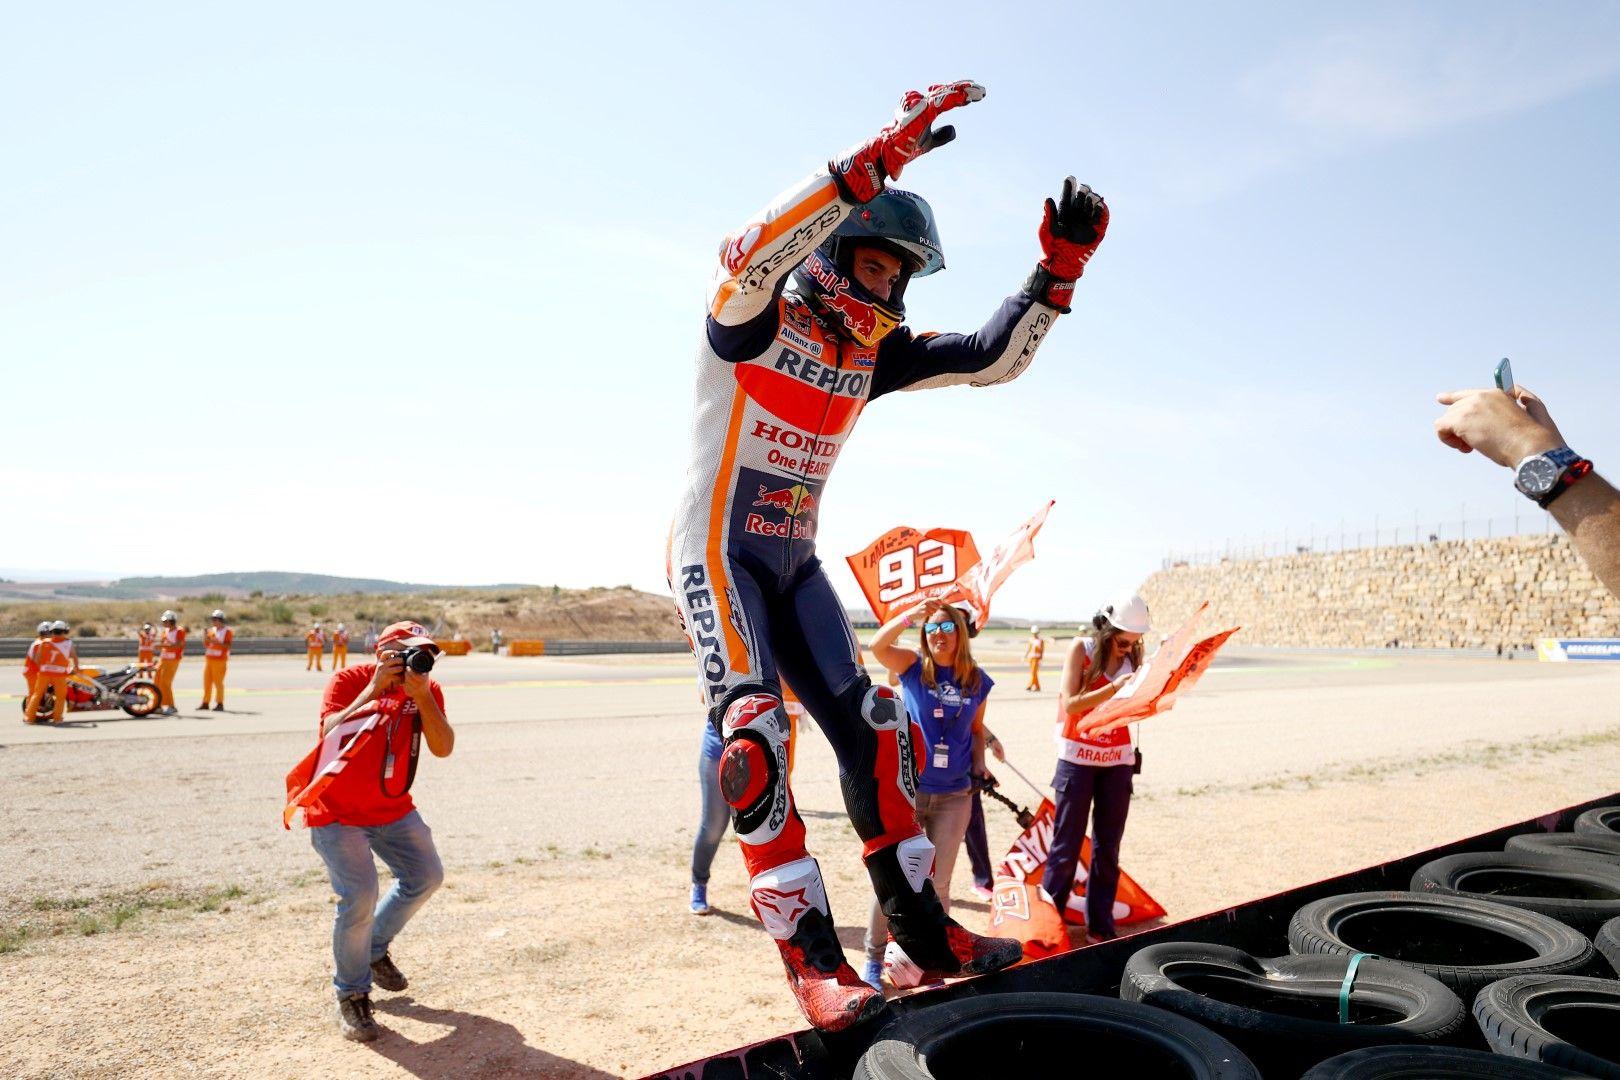 Марк Маркес след поредния триумф в Арагон - той има 5 победи там в 11 старта общо